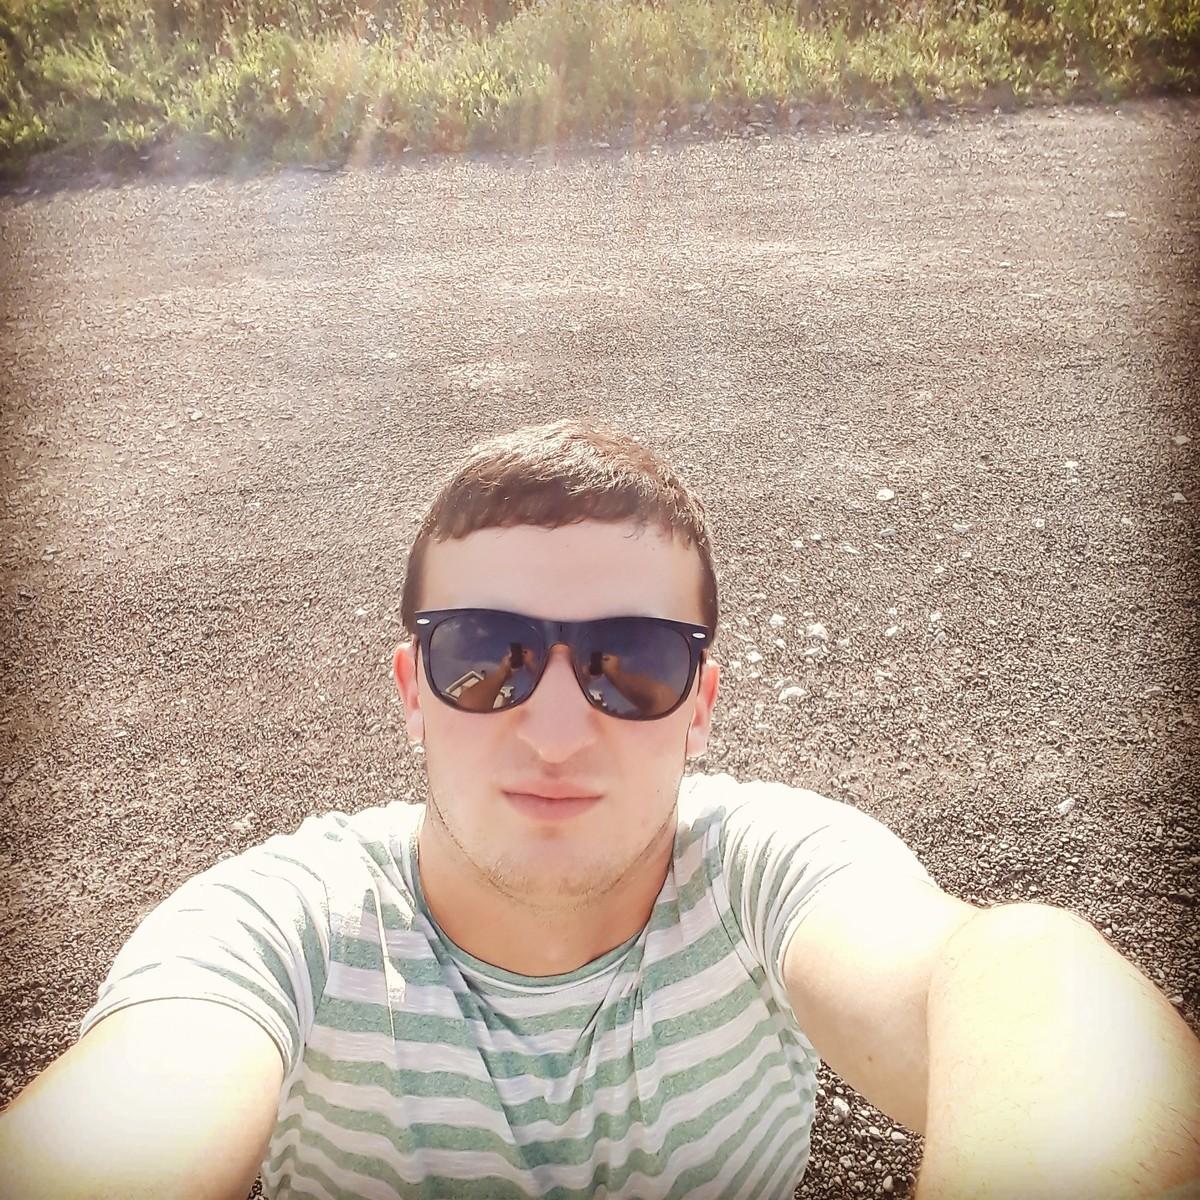 Знакомства Красноярск, фото парня Максим, 25 лет, познакомится для флирта, любви и романтики, cерьезных отношений